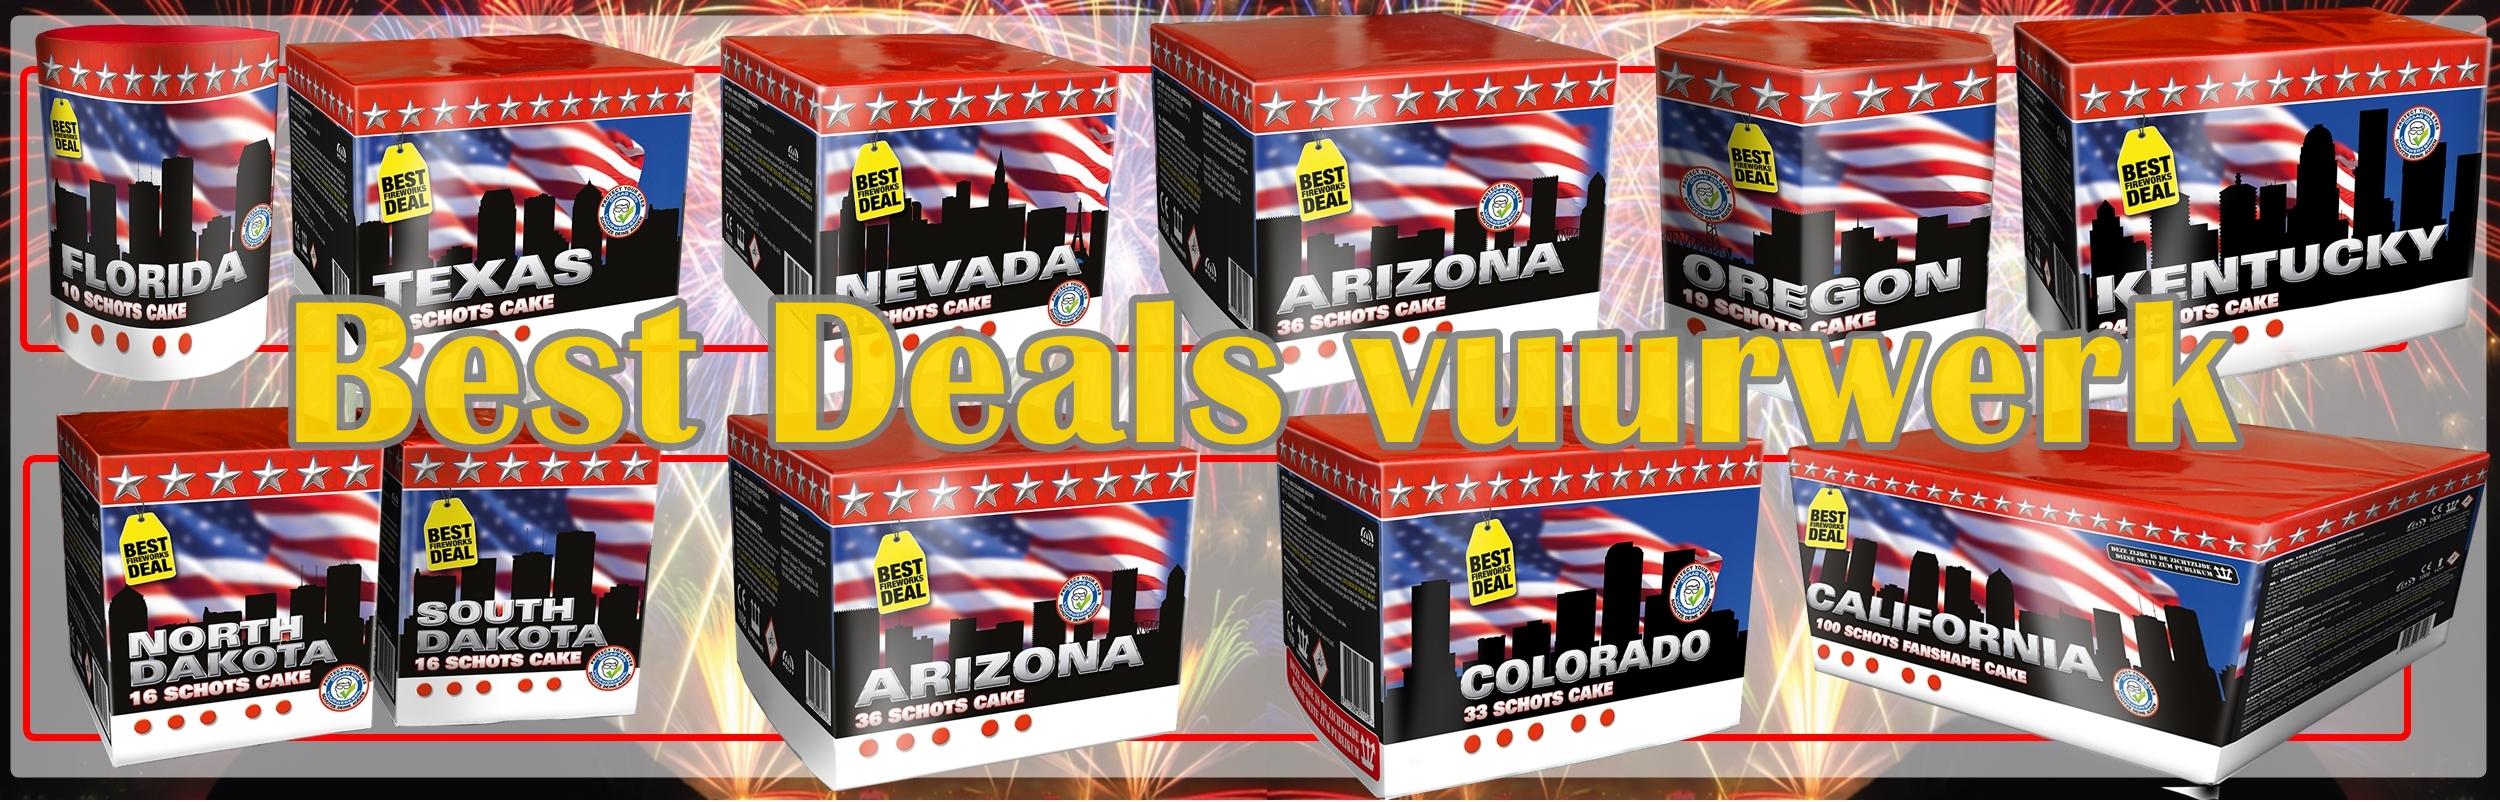 Best Deals vuurwerk